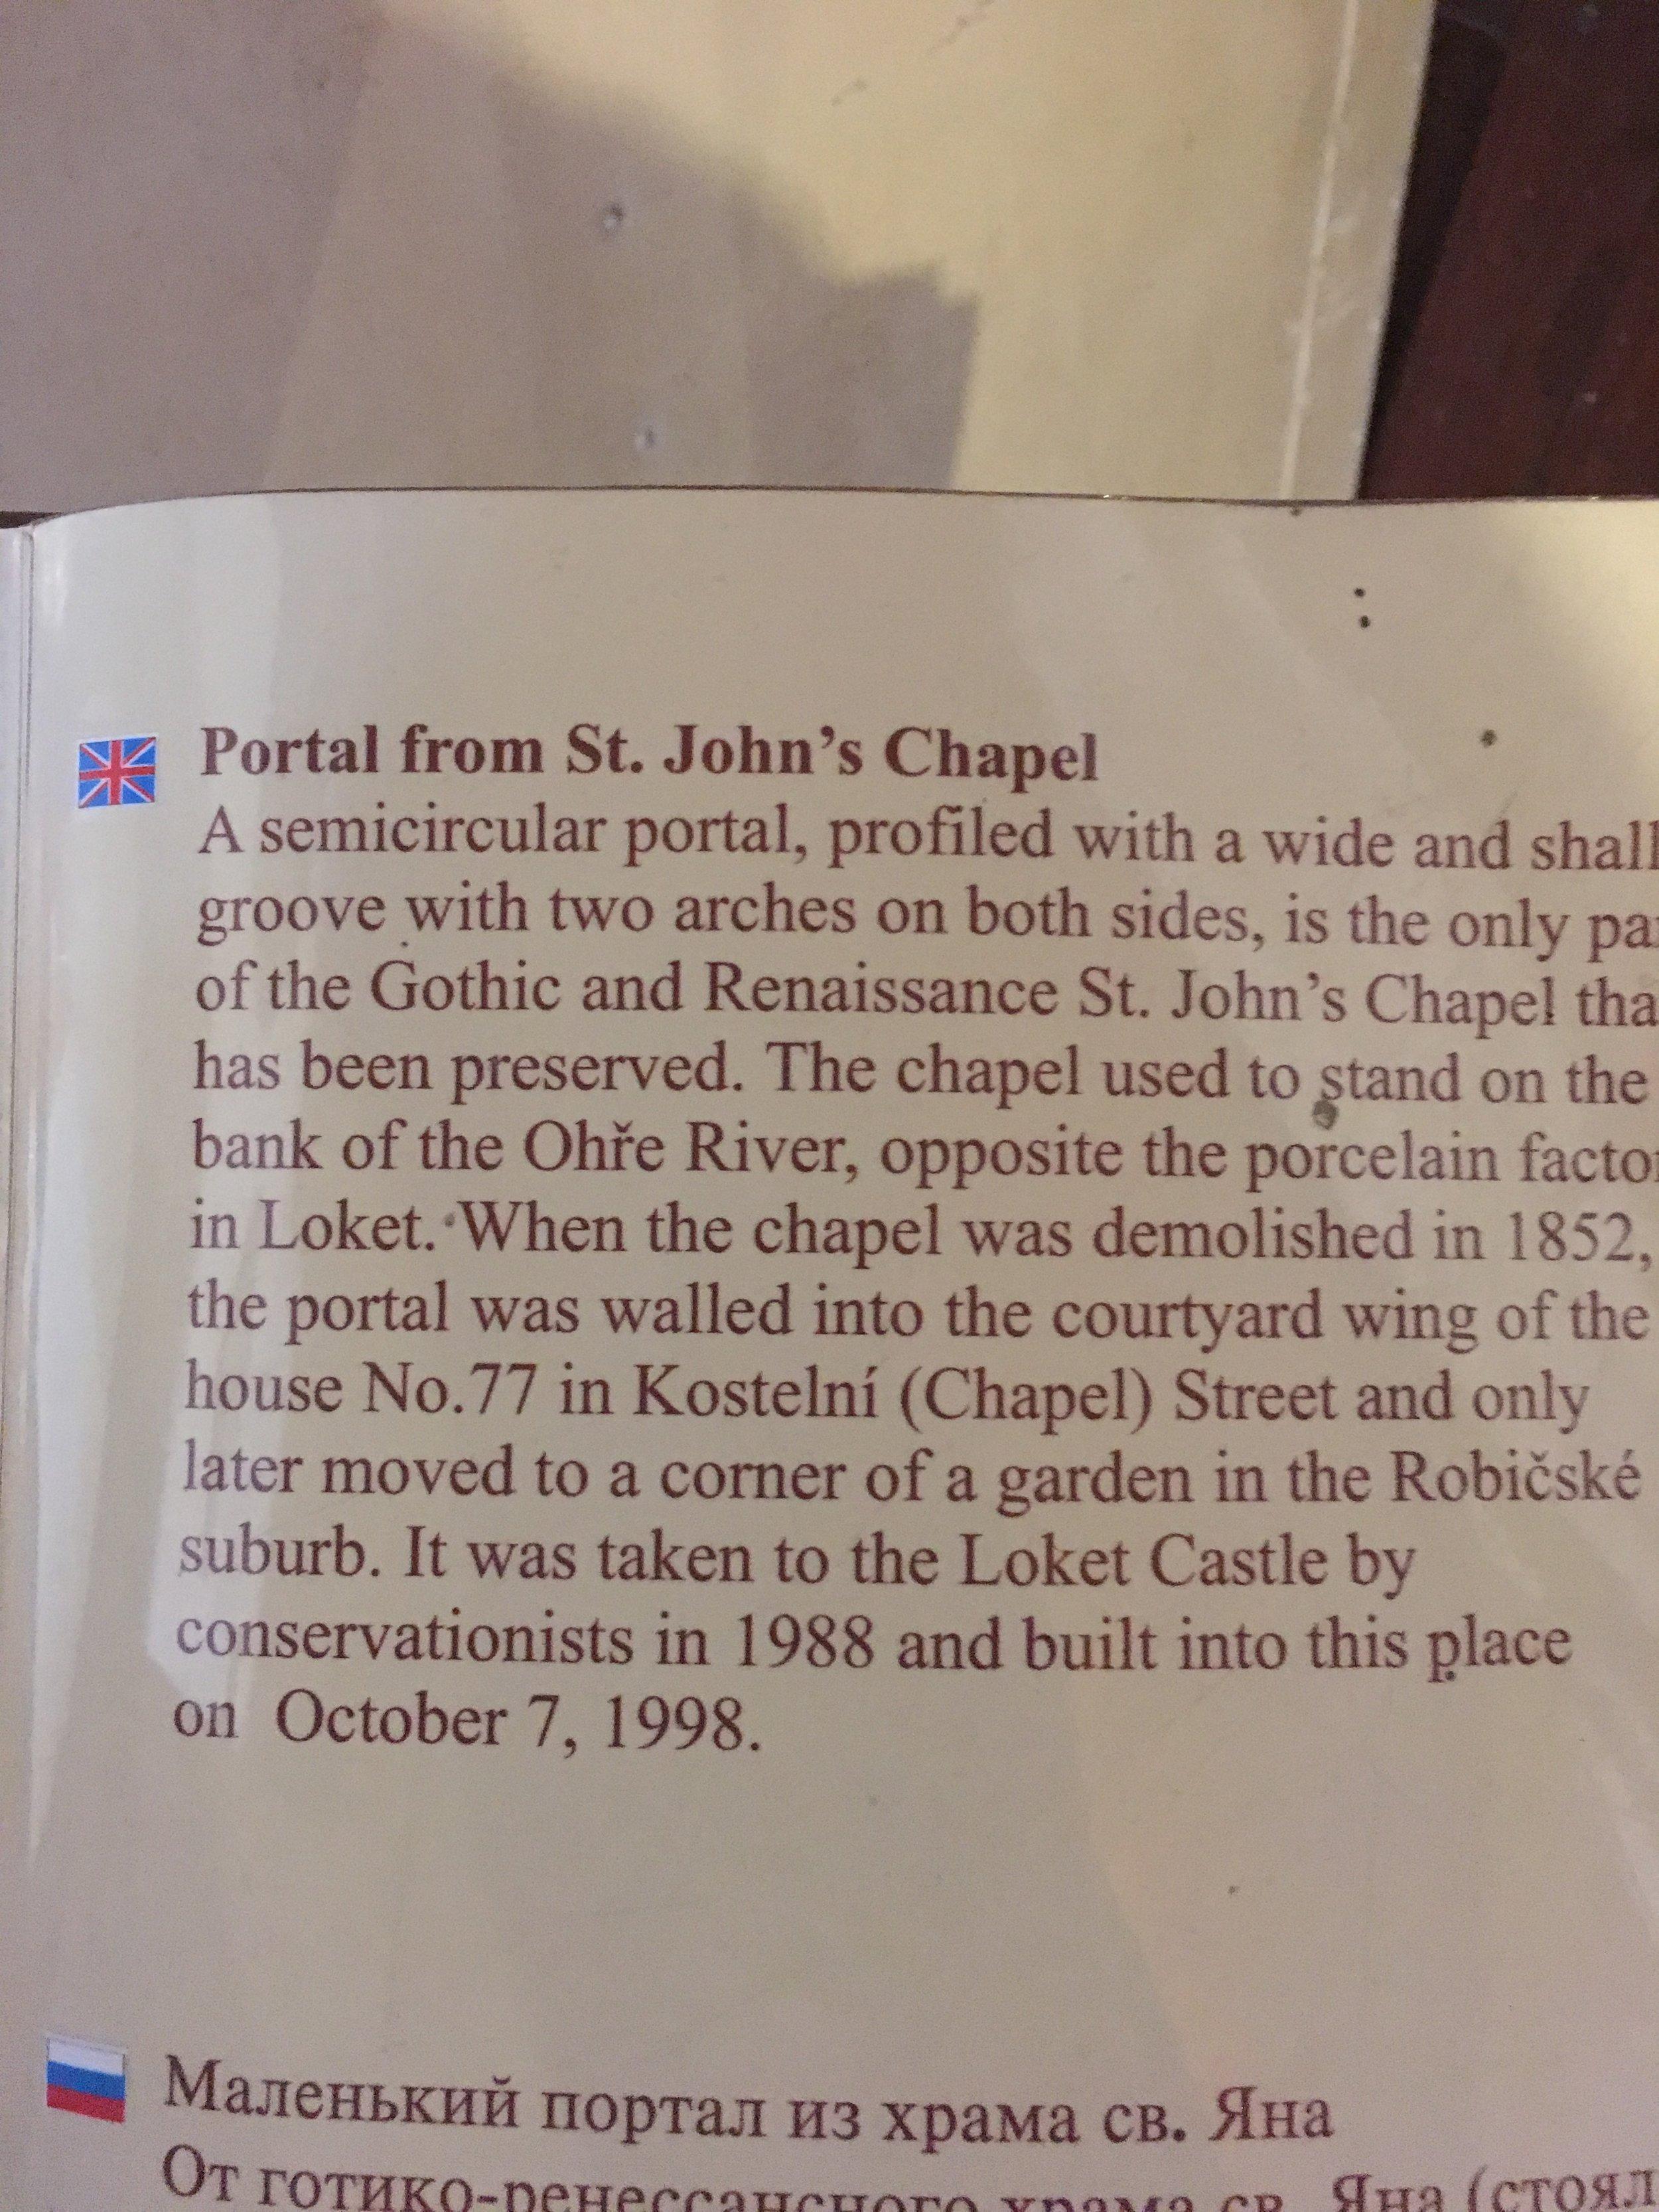 Loket_info_St.John's-chapel-portal.JPG